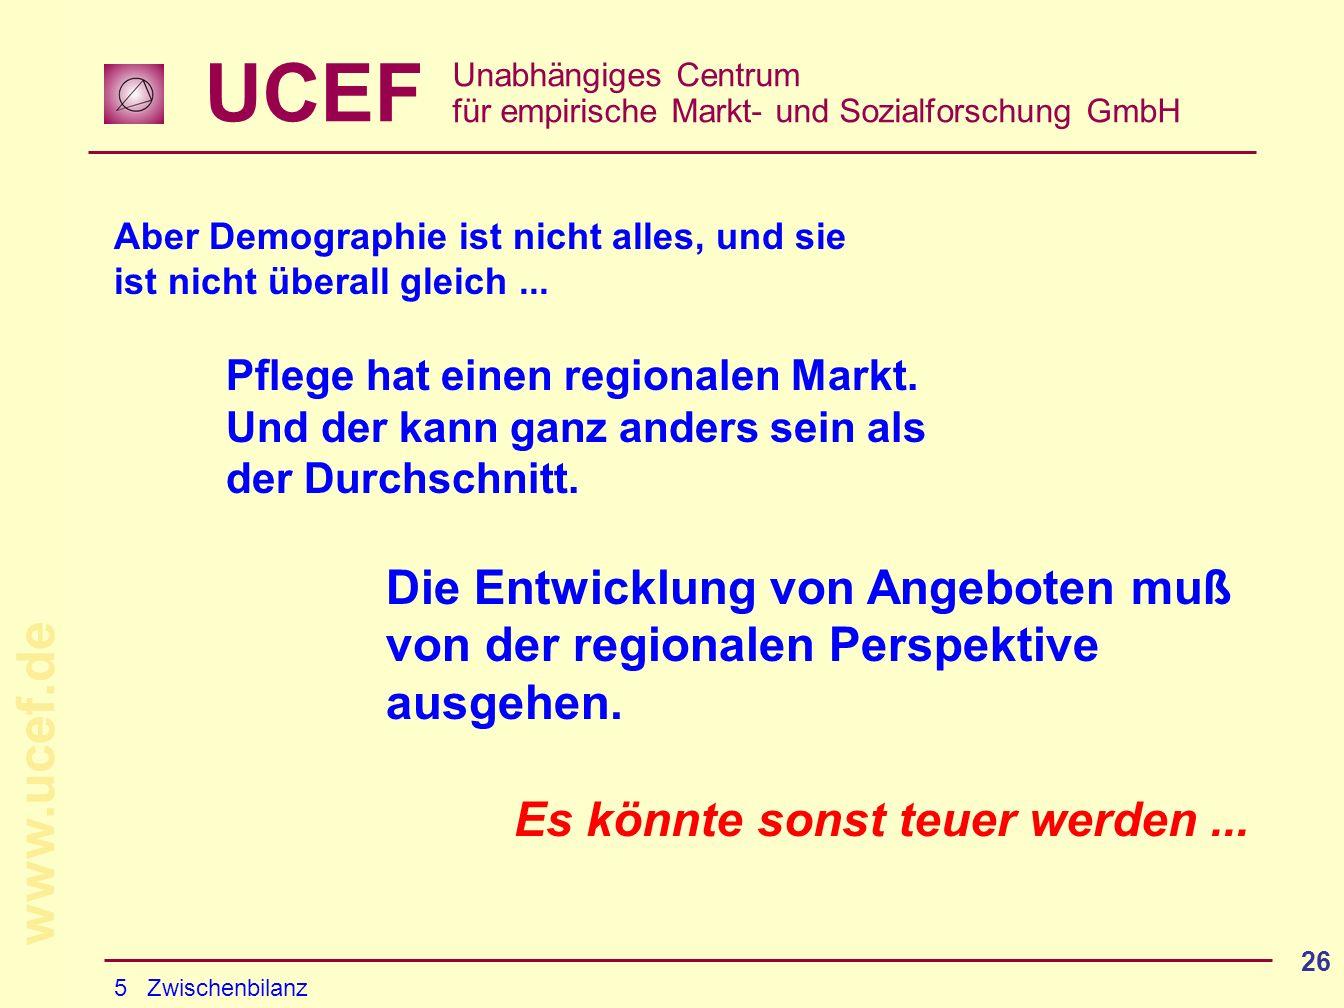 UCEF Unabhängiges Centrum für empirische Markt- und Sozialforschung GmbH www.ucef.de 26 Aber Demographie ist nicht alles, und sie ist nicht überall gleich...